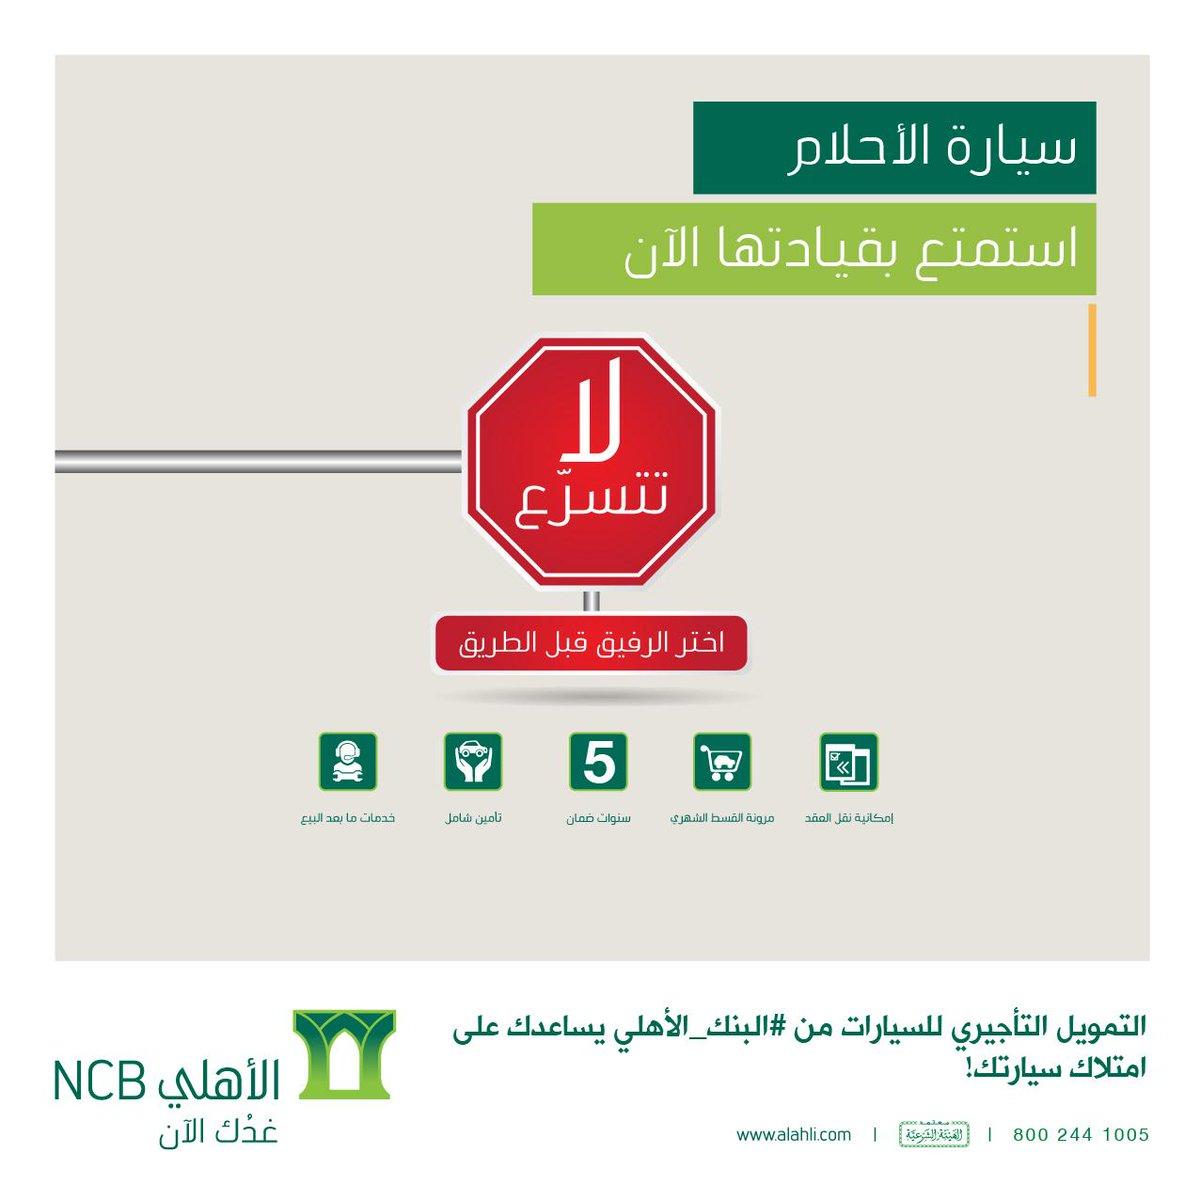 البنك الأهلي السعودي Na Twitterze التمويل التأجيري للسيارات من البنك الأهلي يساعدك على امتلاك سيارة الأحلام Http T Co Atk5wevy9l